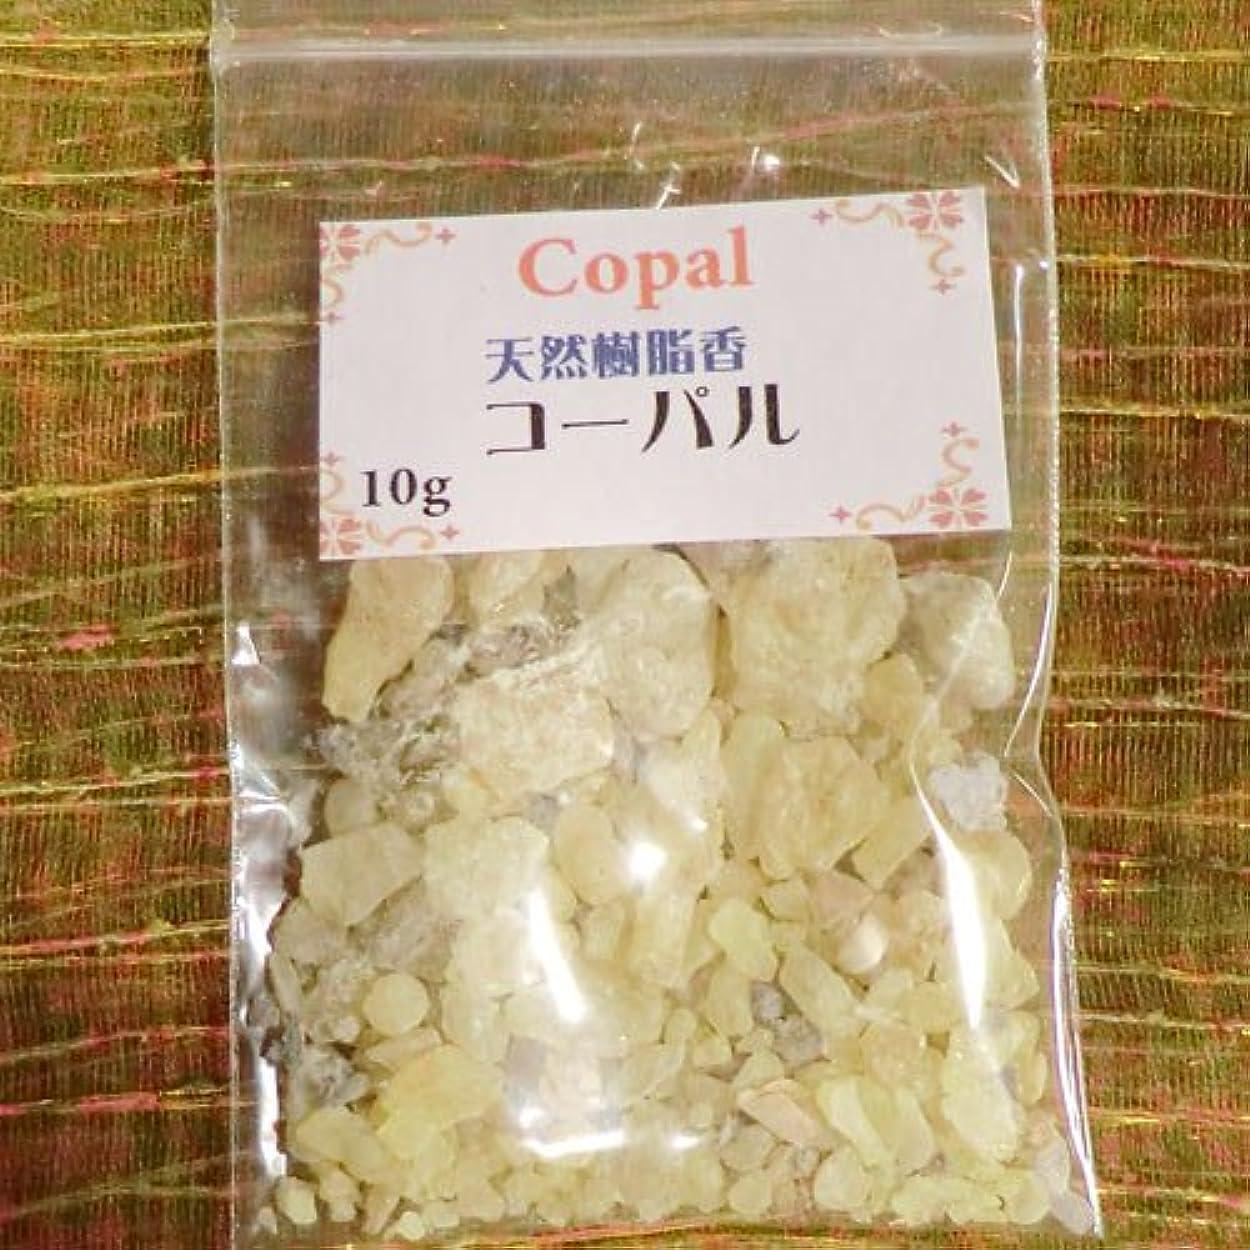 検出するブラウス年次コーパル COPAL (天然樹脂香) (コーパル, 10g)